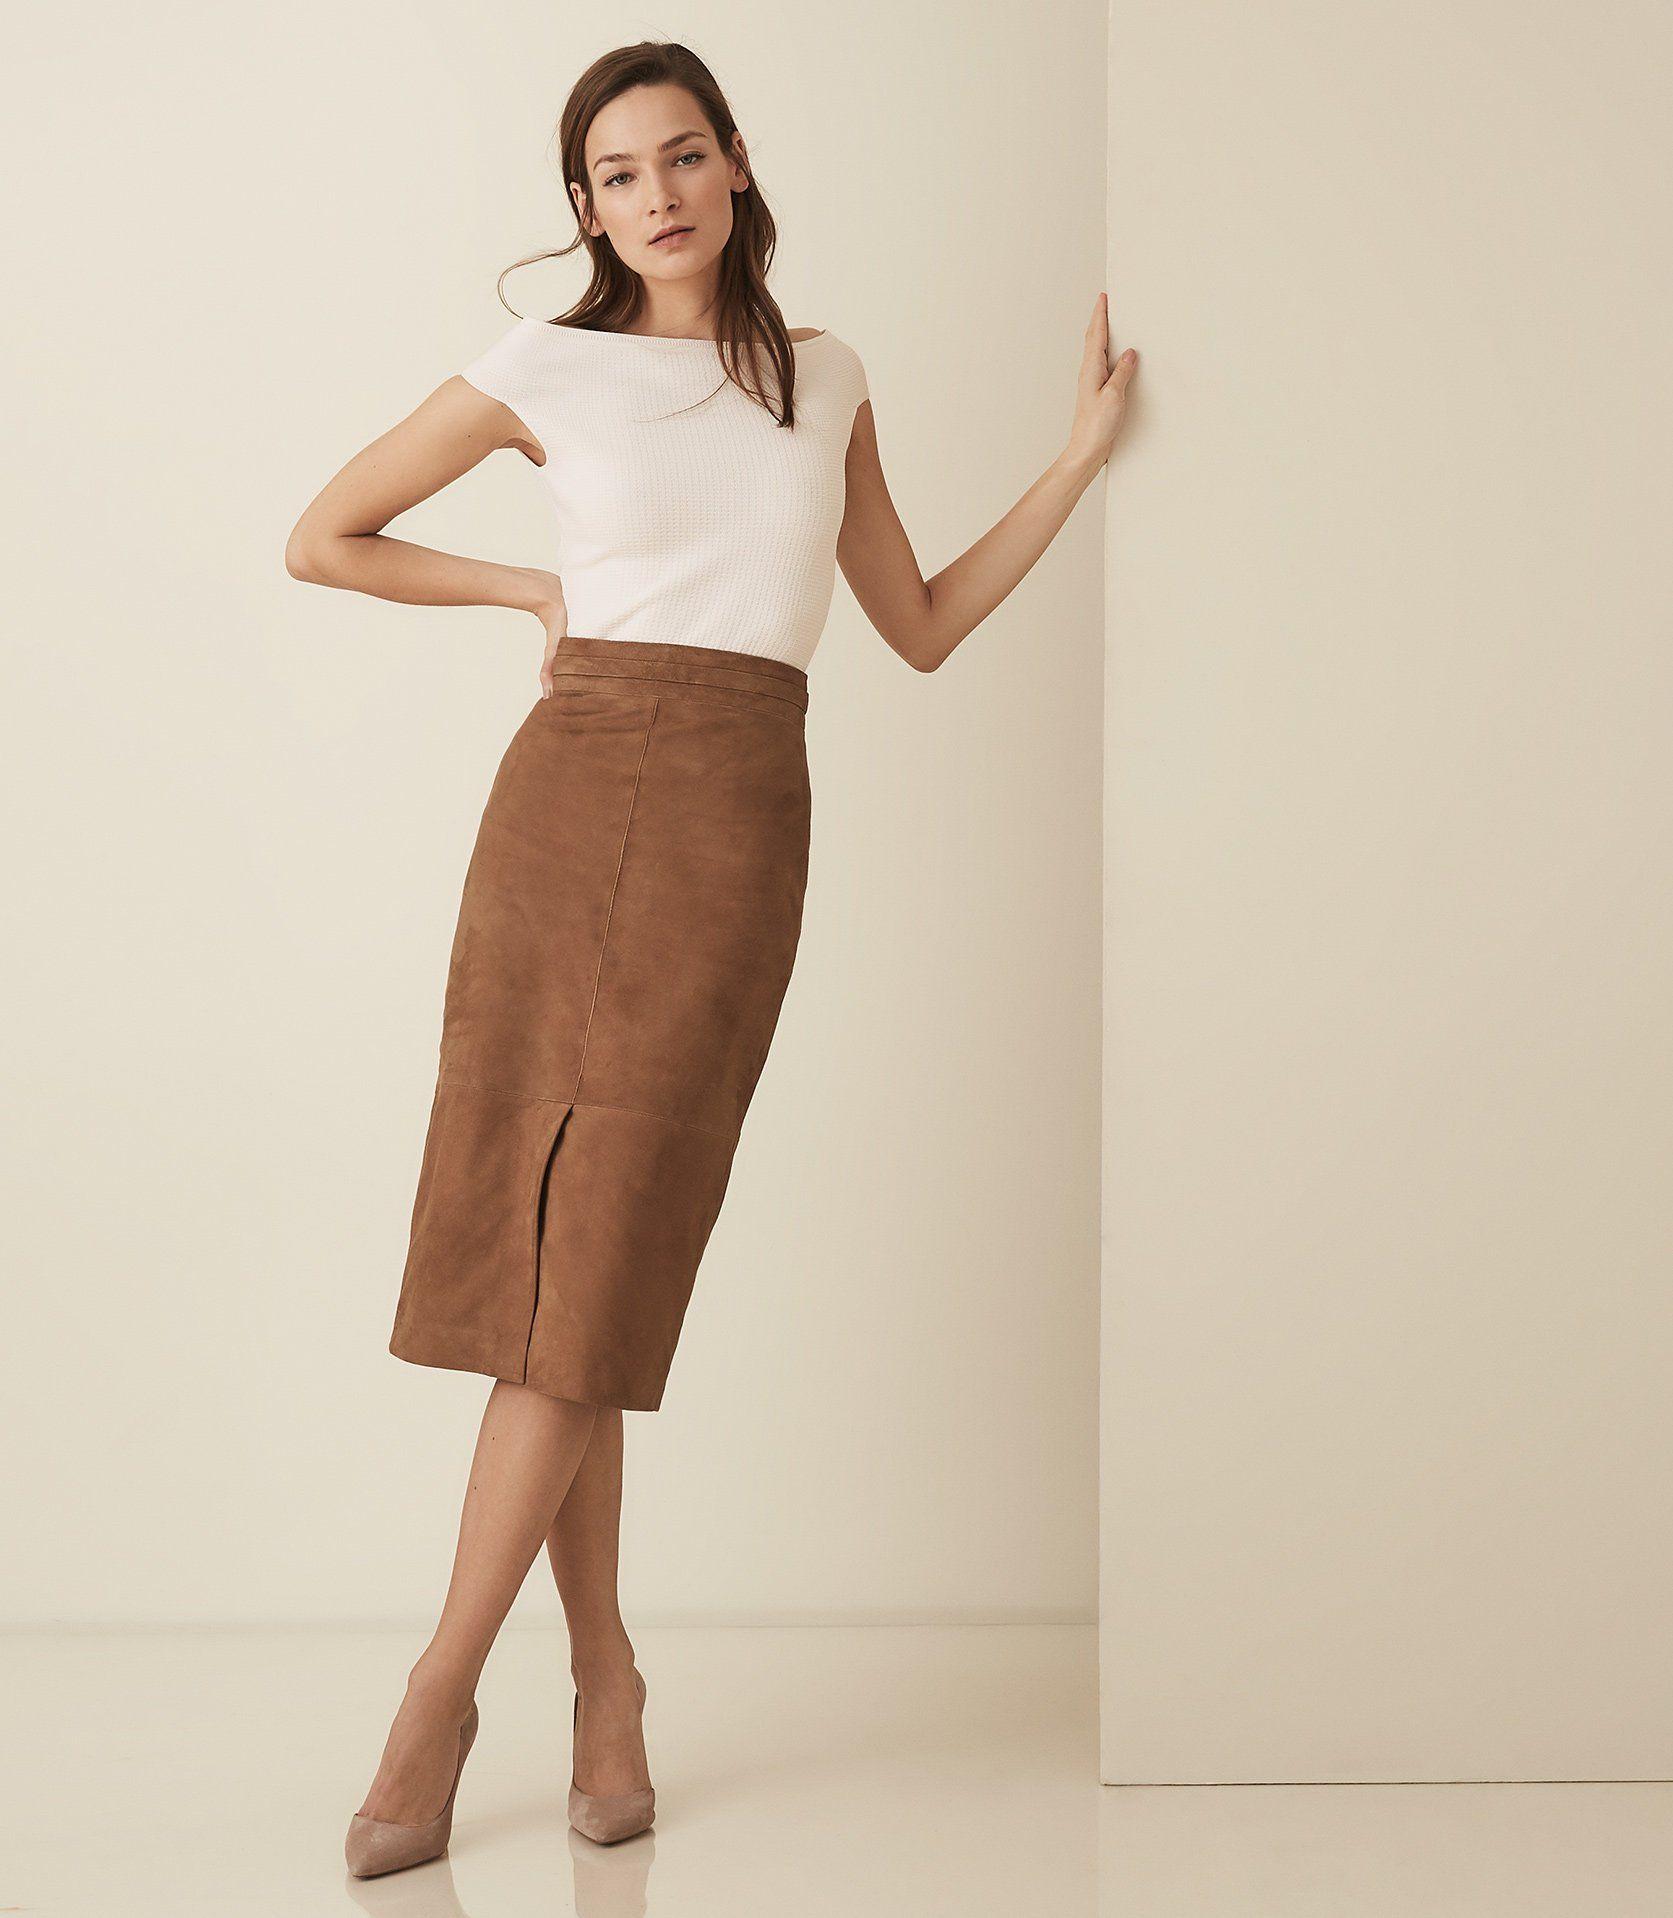 3ec9519a512 Zena in 2019 | chic 6 | Fashion, Bardot top, Fashion outfits